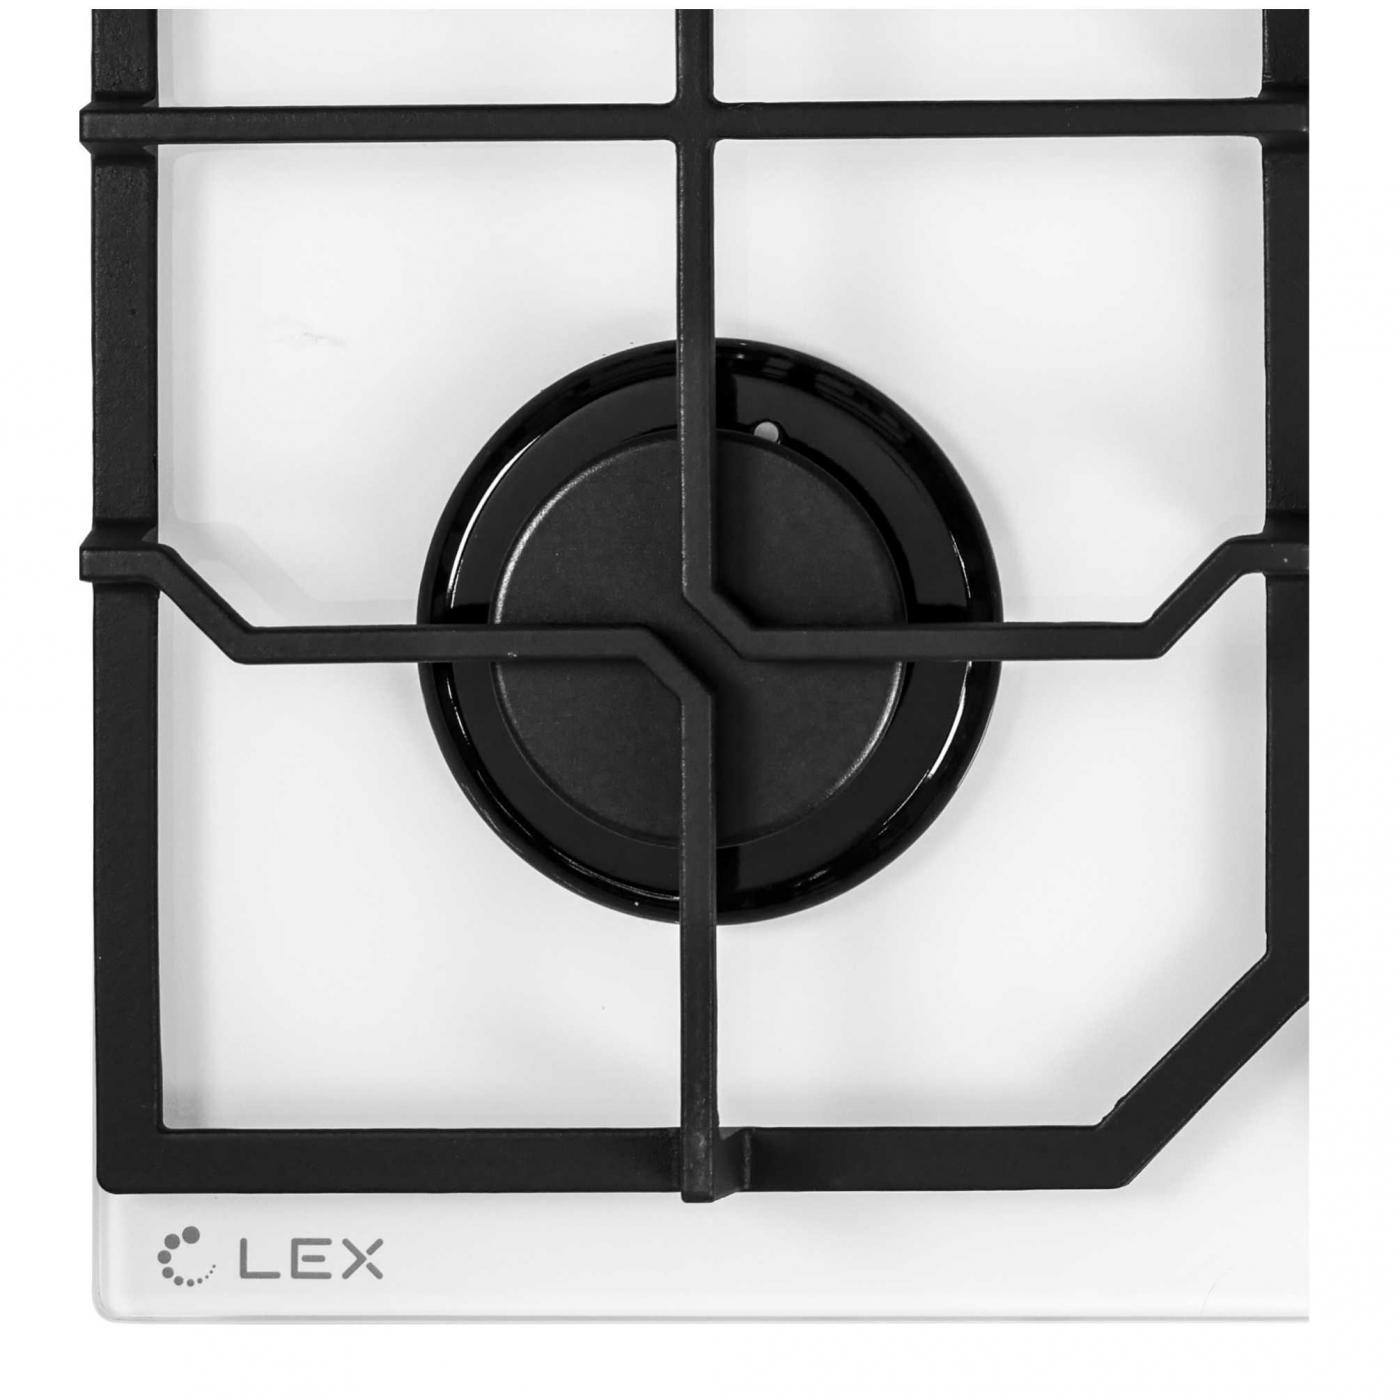 LEX GVG 642 WH